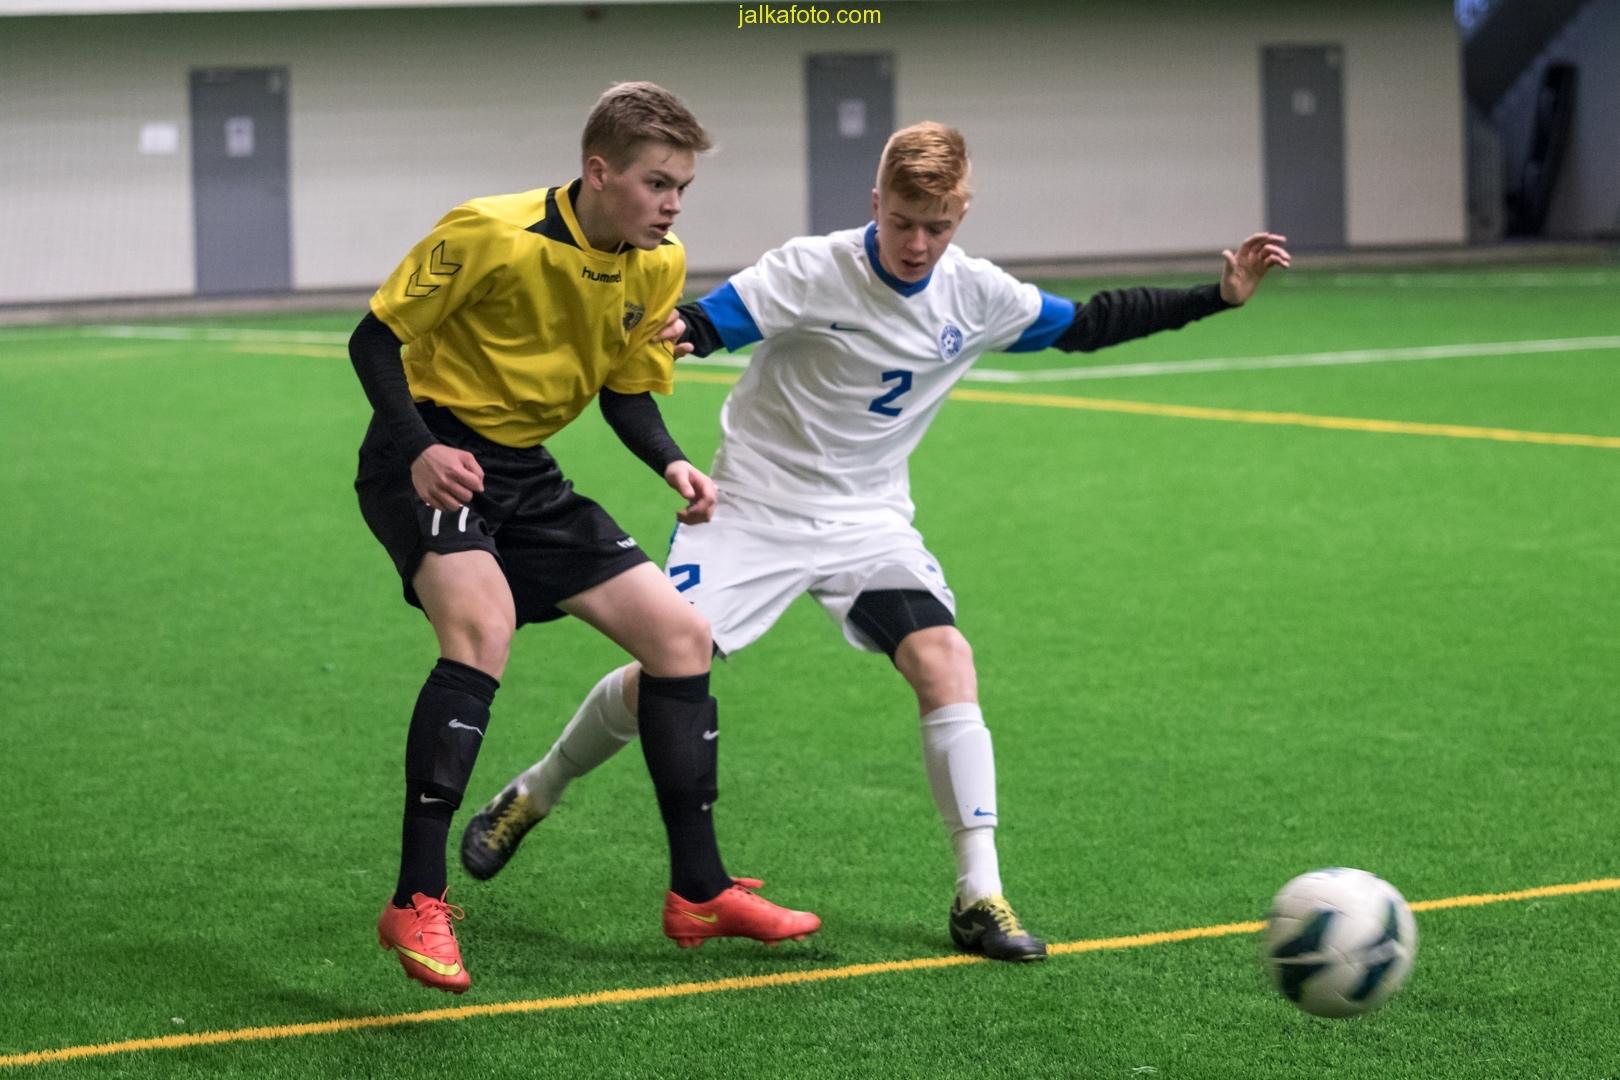 8bdbbcf32e9 Eesti U-15 -Pärnu JK Vaprus (26.03.2015) (8 of